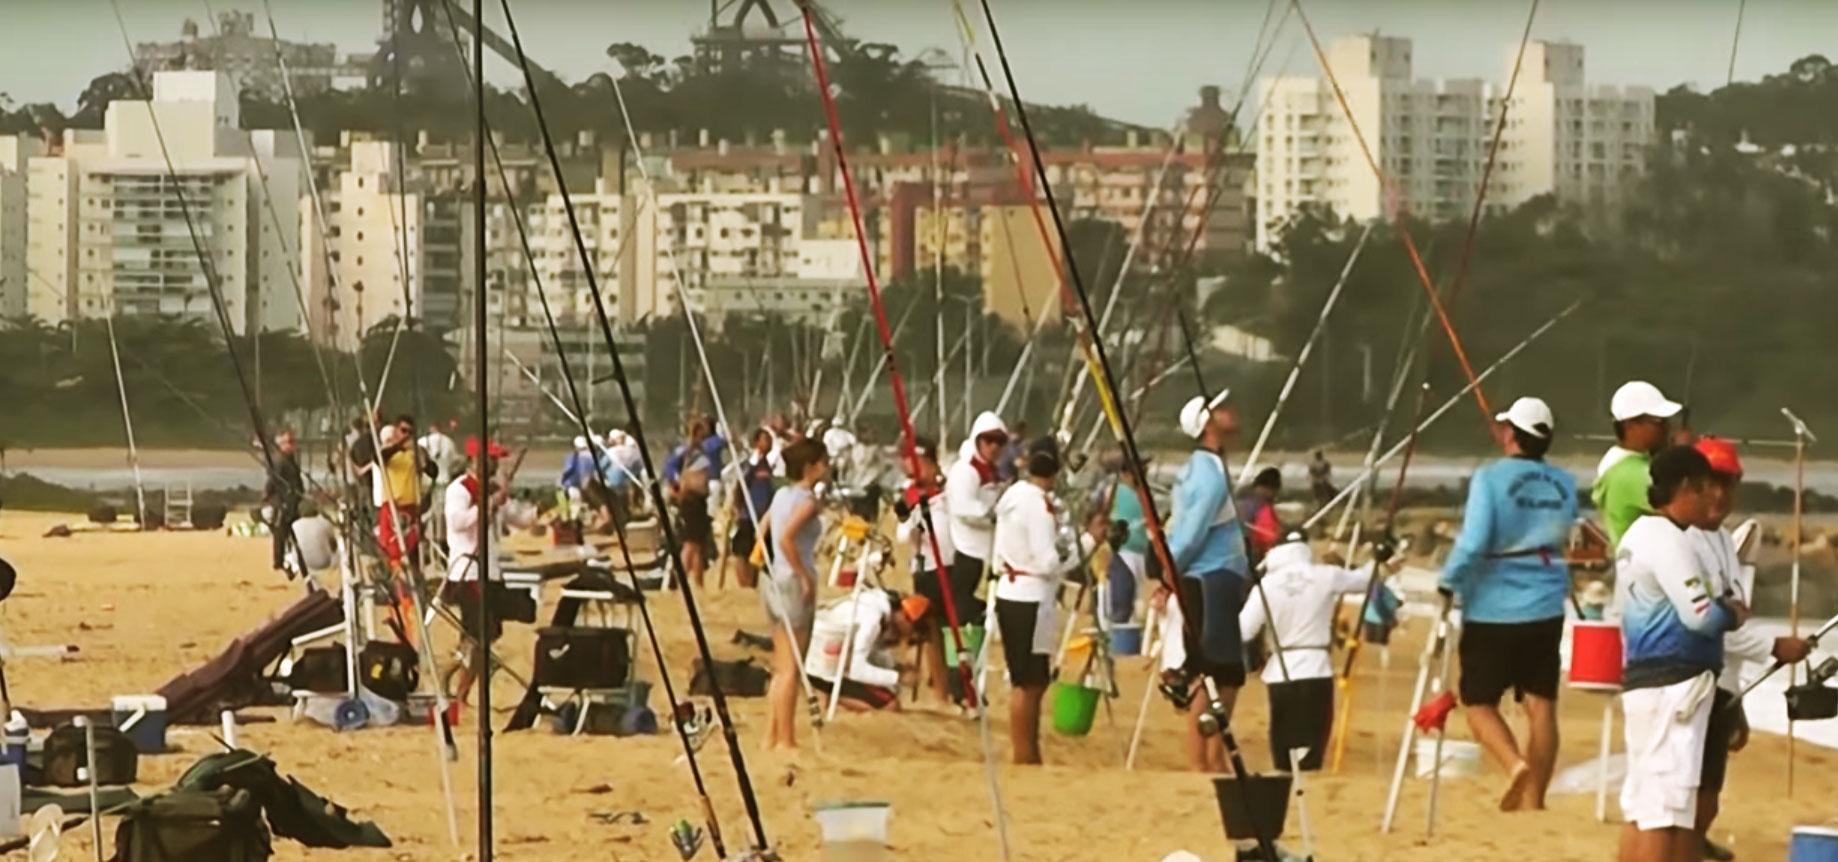 Vitória recebe brasileiro de pesca de praia no feriadão